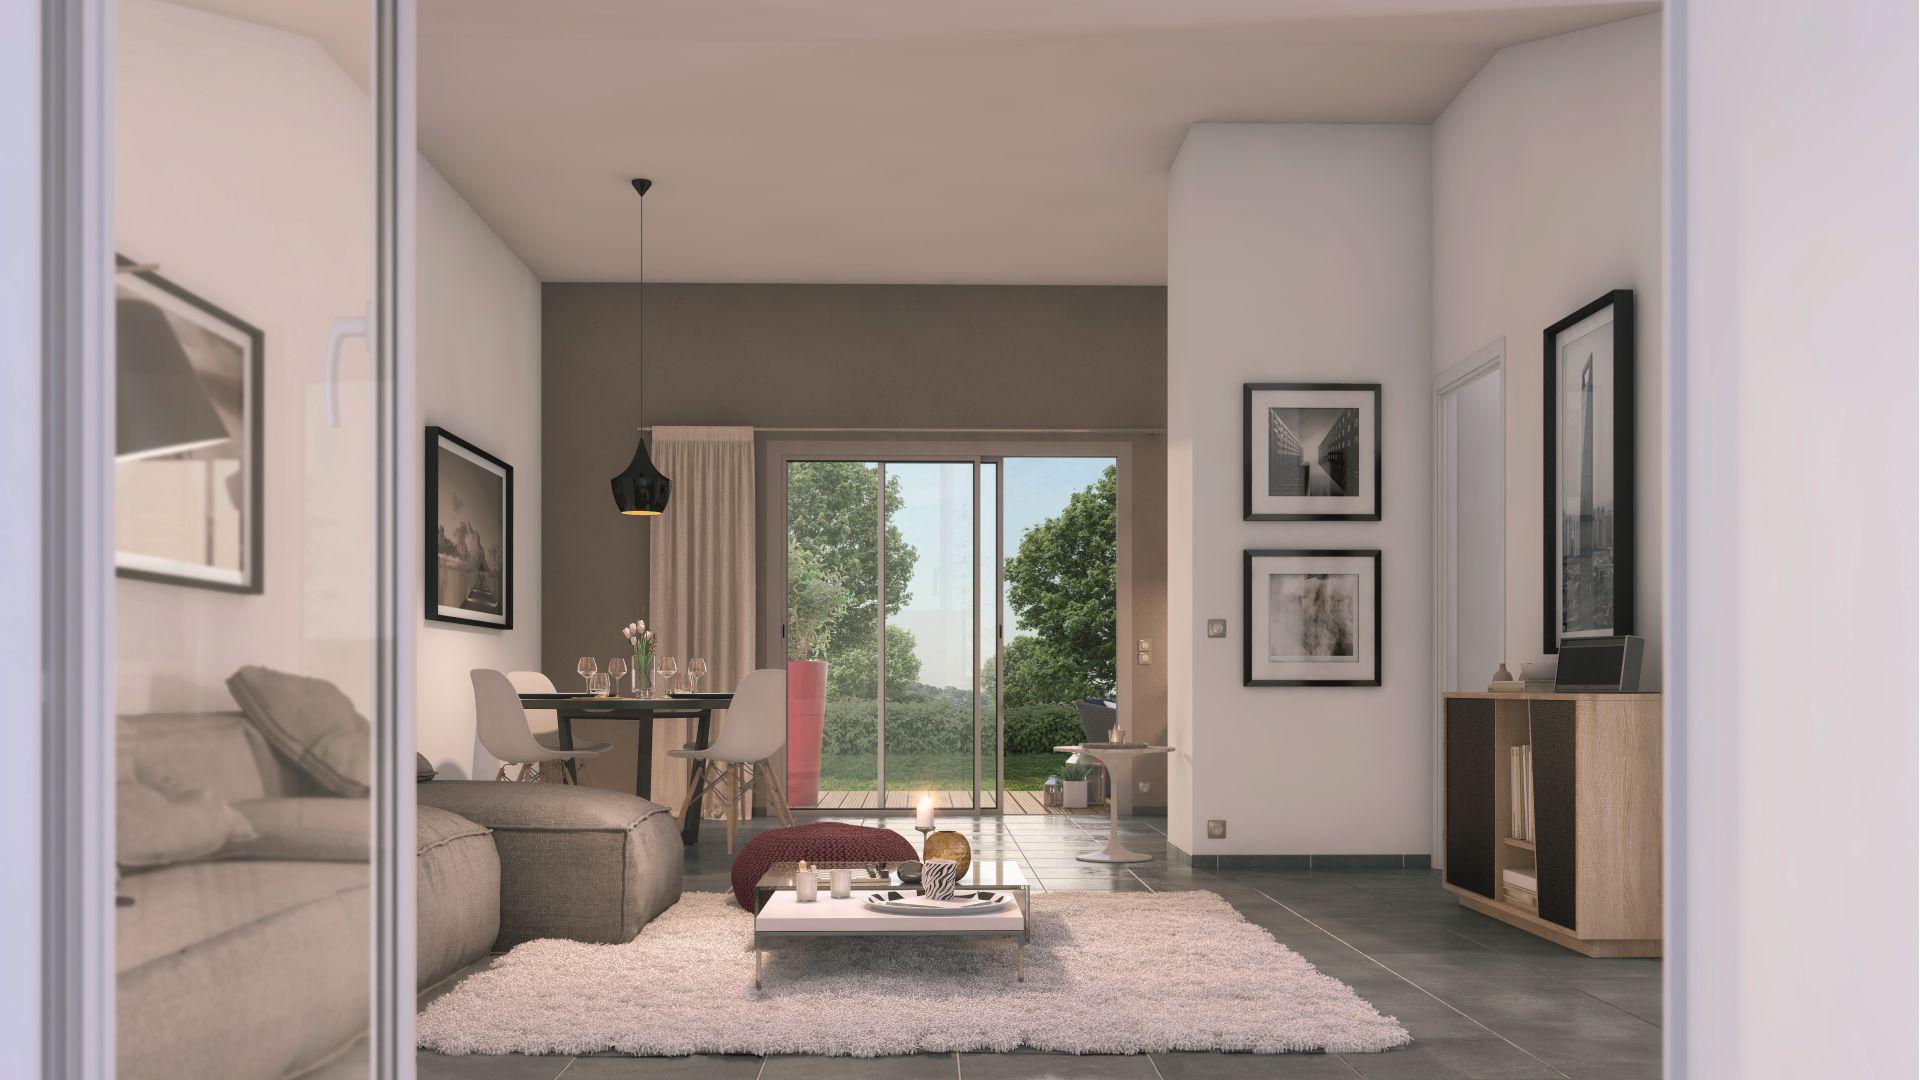 Greencity Immobilier - Cornebarrieu - Le Clos D'Agate - Villa T4 intérieur